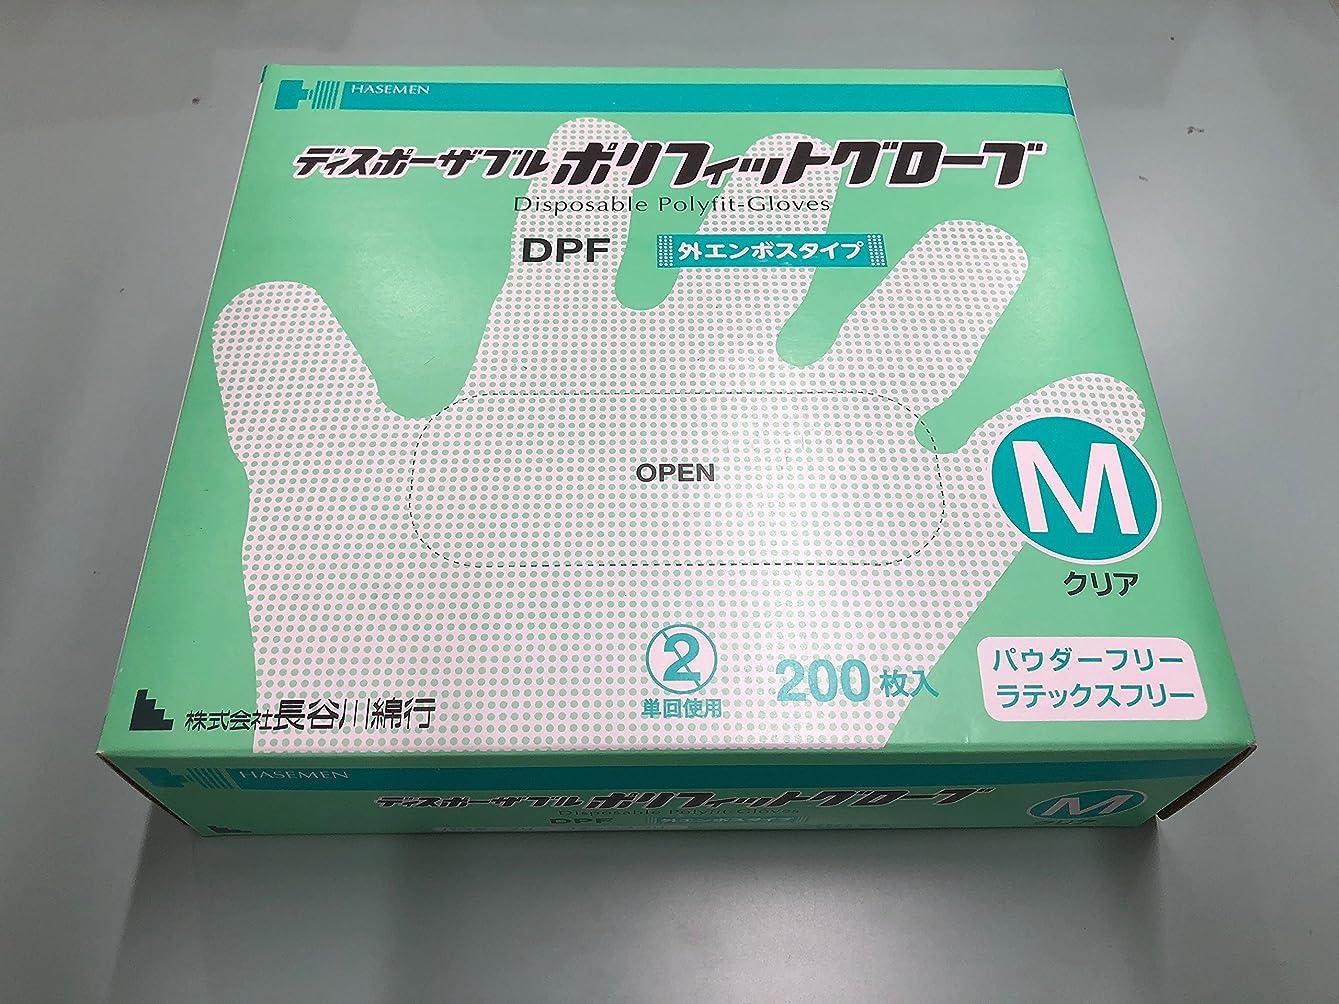 想定するラウズ協会ディスポーザブルポリフィットグローブ クリア 200枚入り (M)